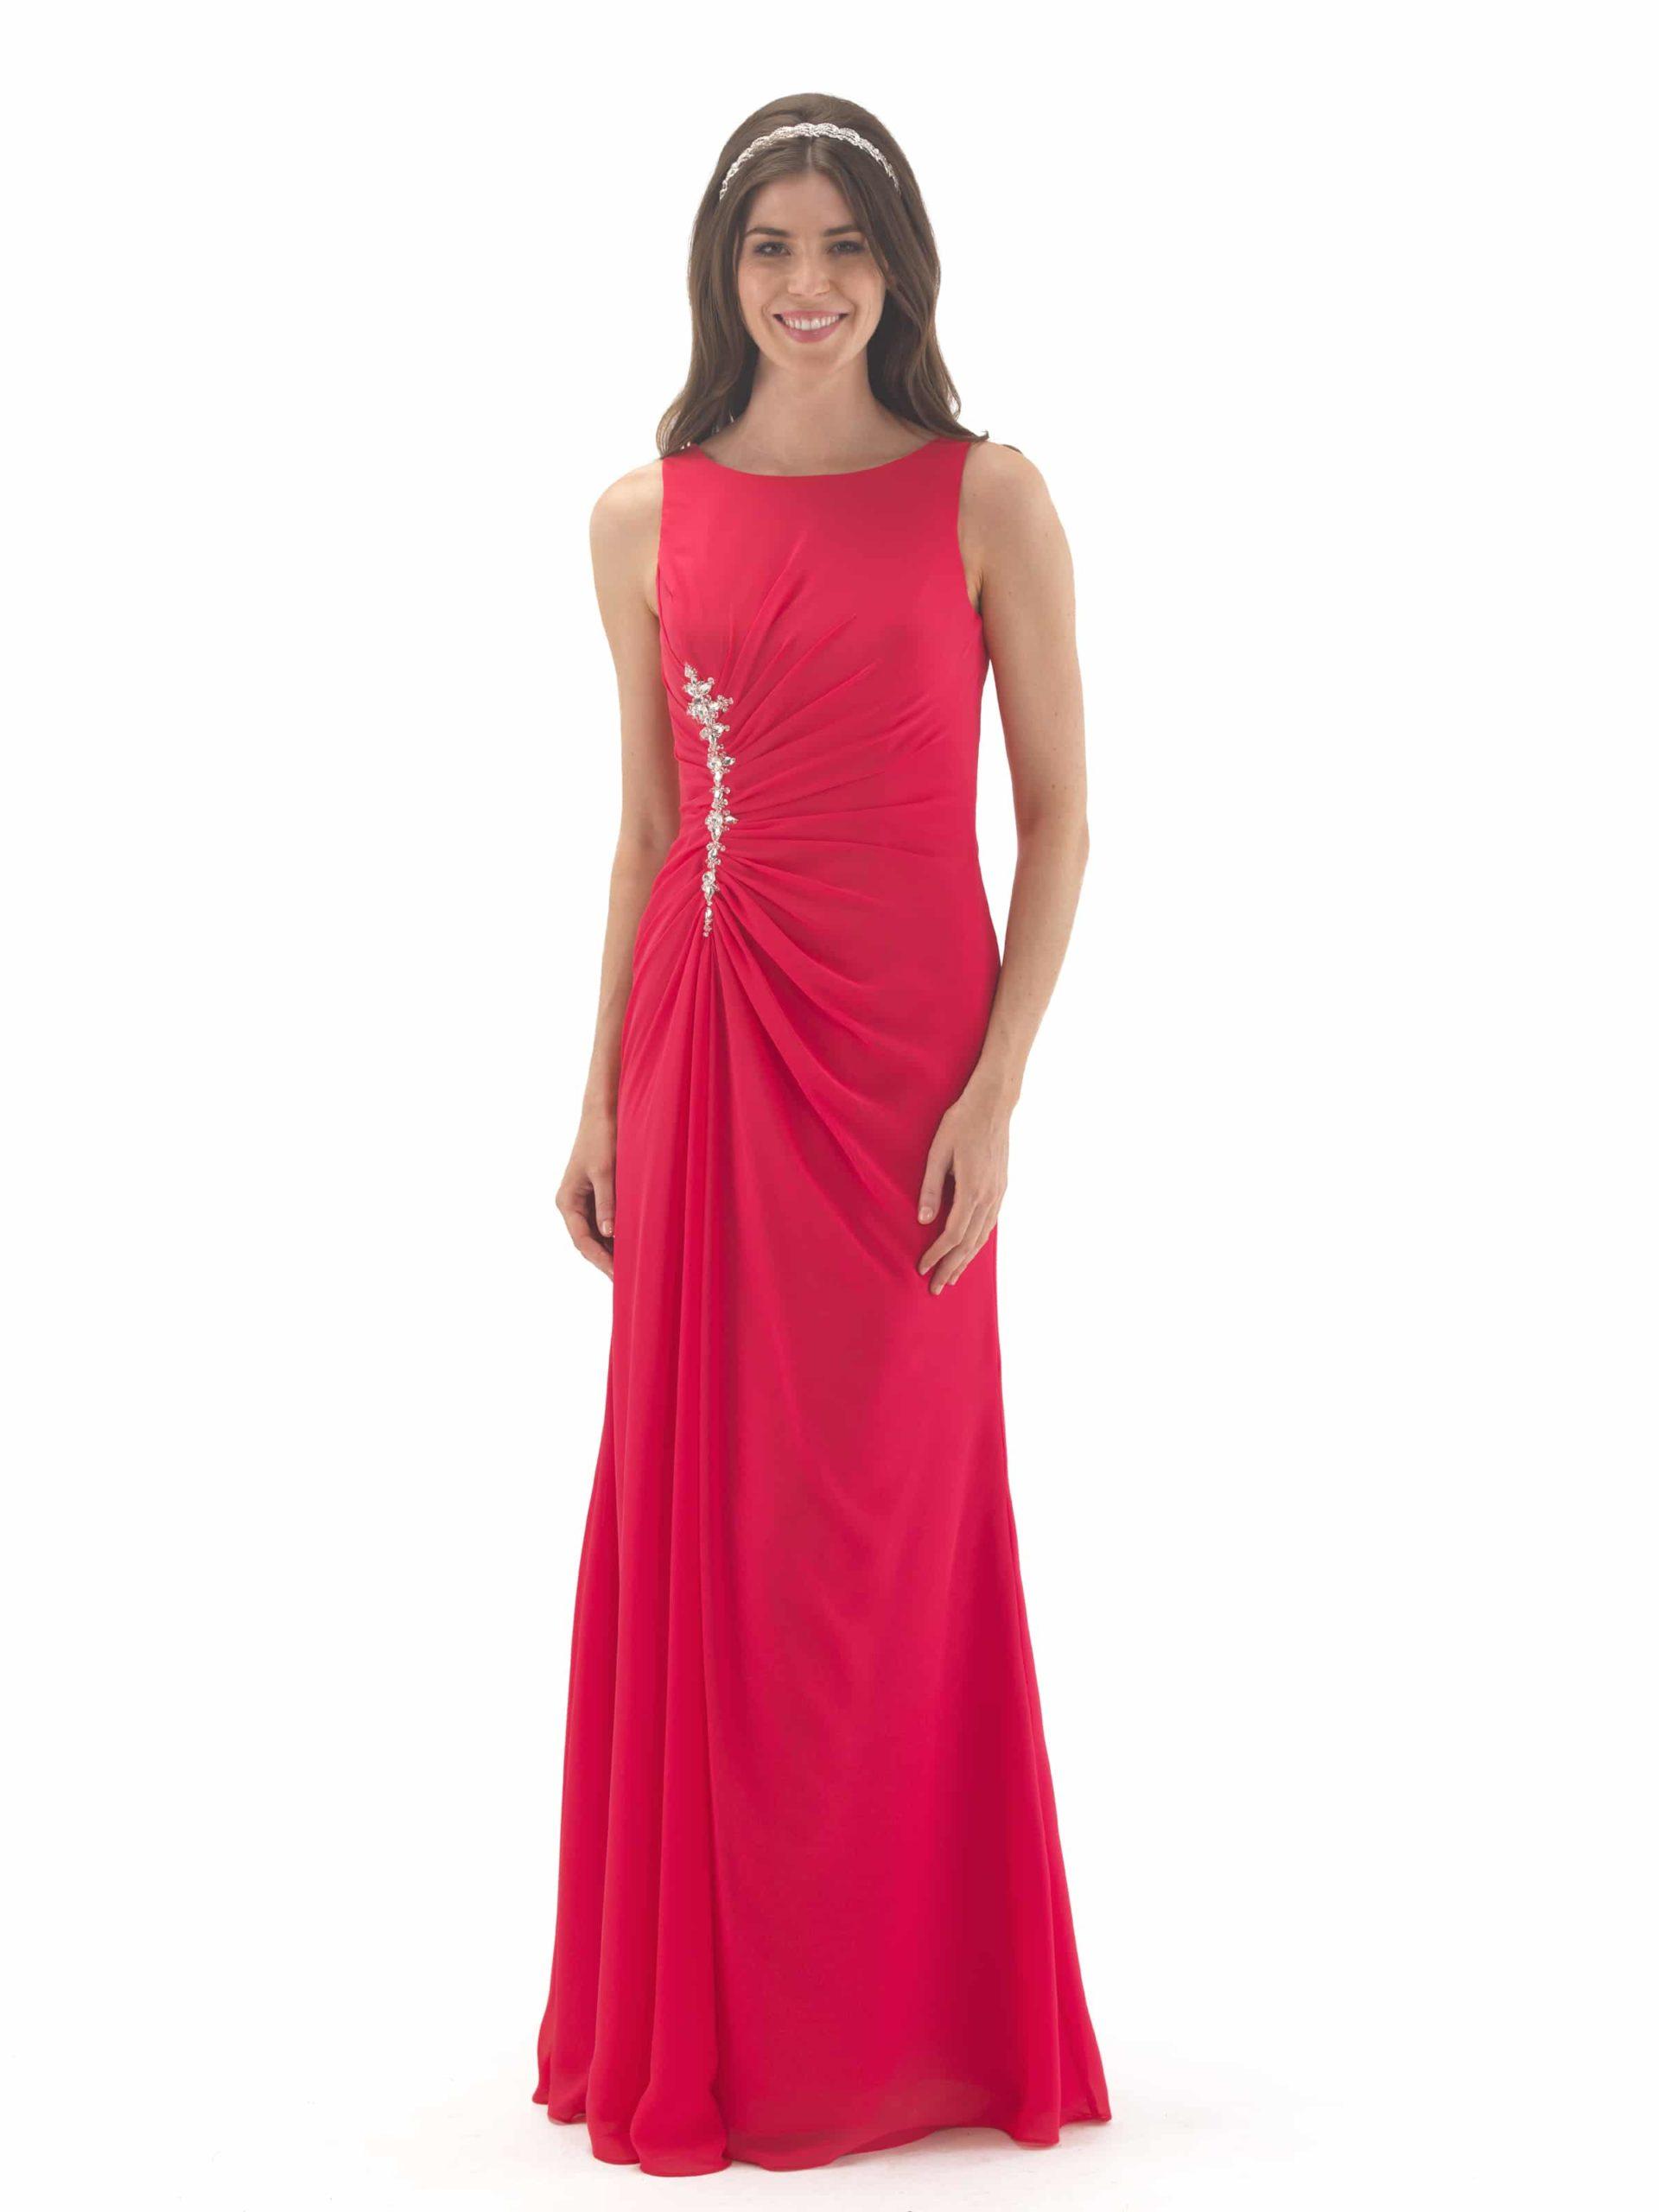 en356-bridesmaid-dress